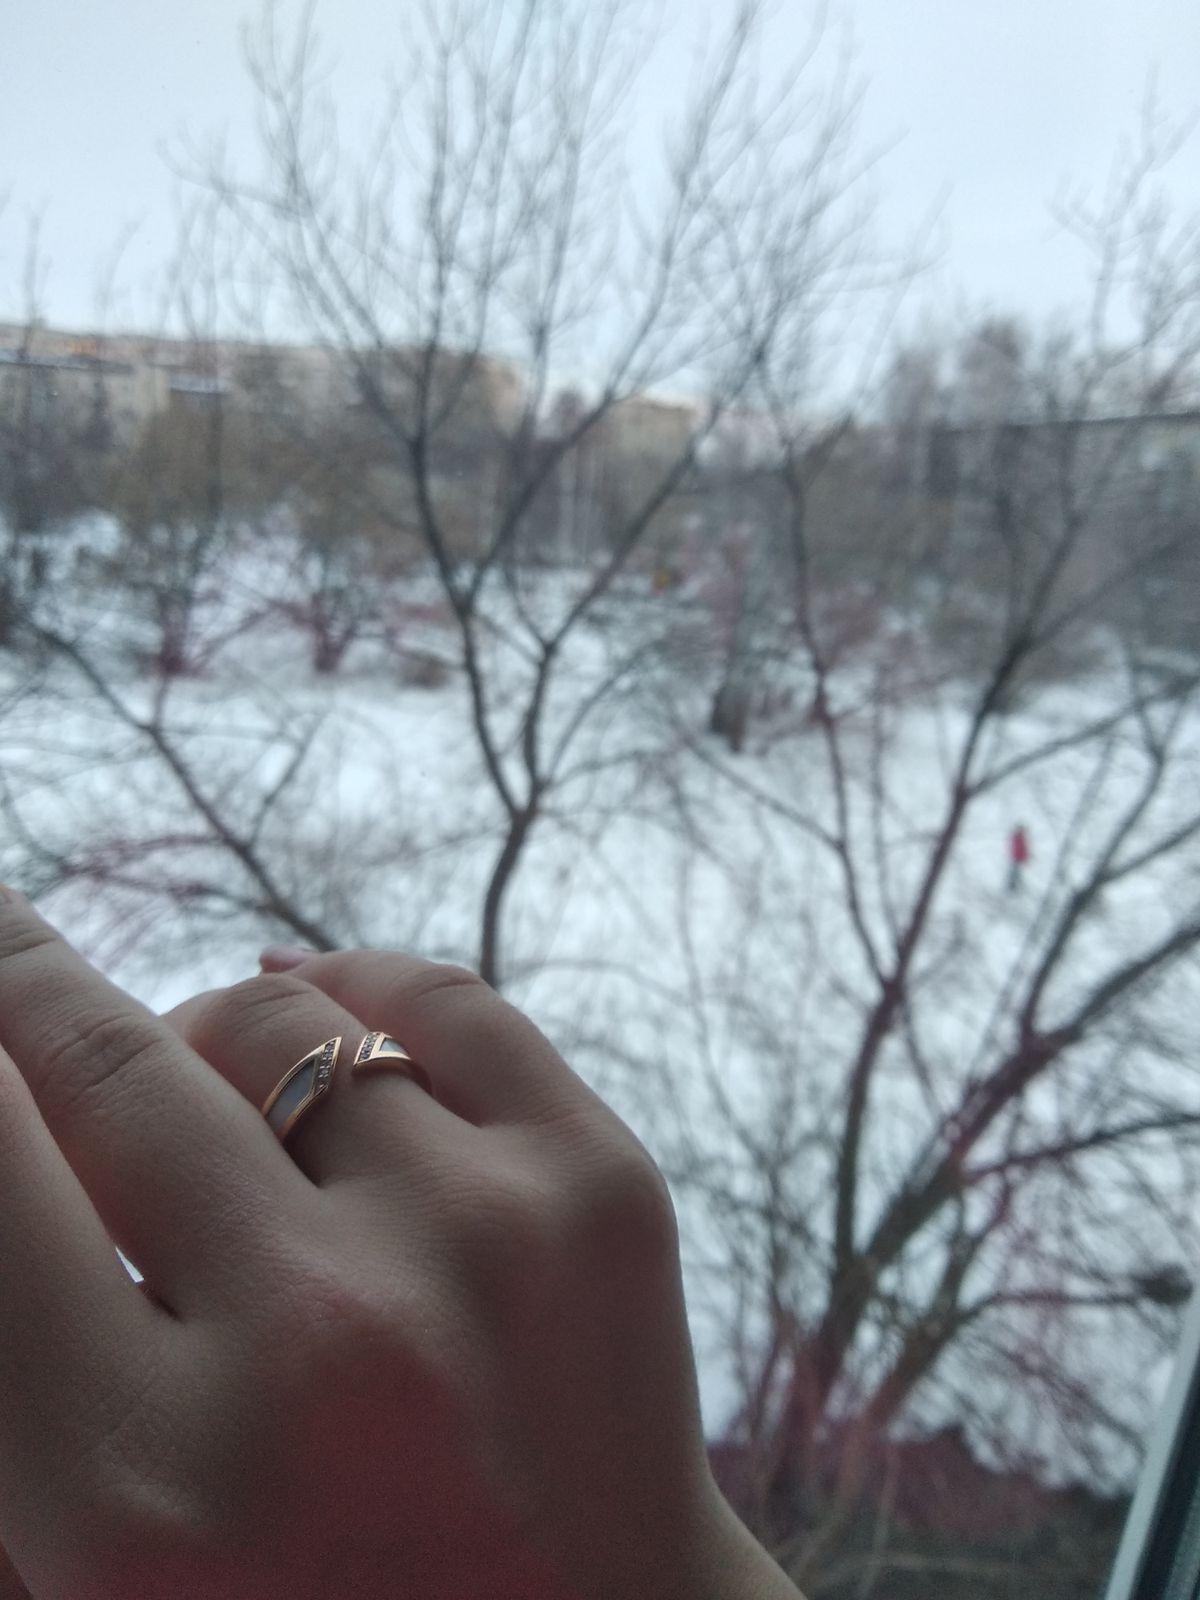 Хорошее, красивое и дорогое на вид кольцо